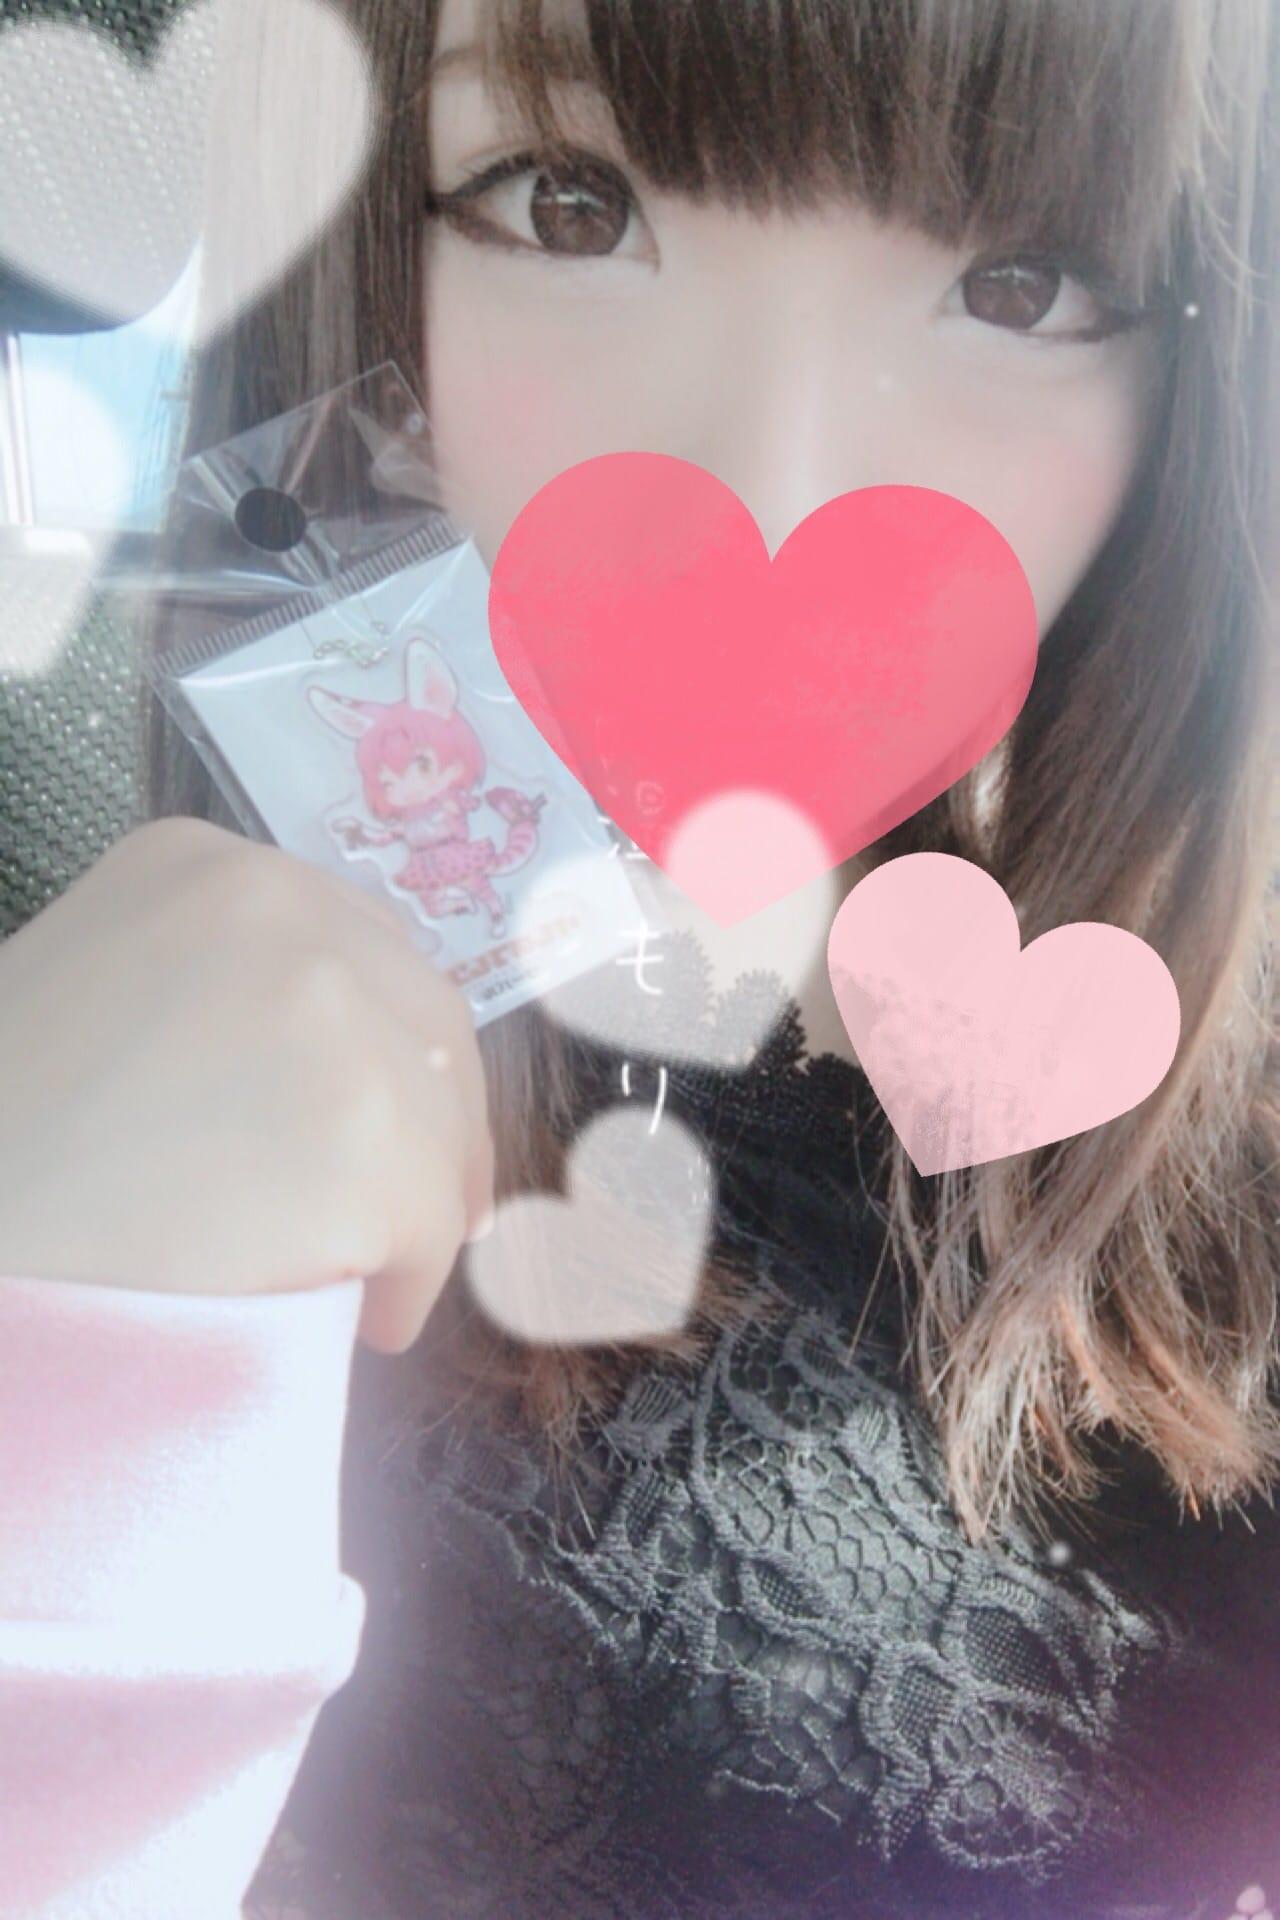 のん「★まっててね♡」02/19(月) 14:47   のんの写メ・風俗動画